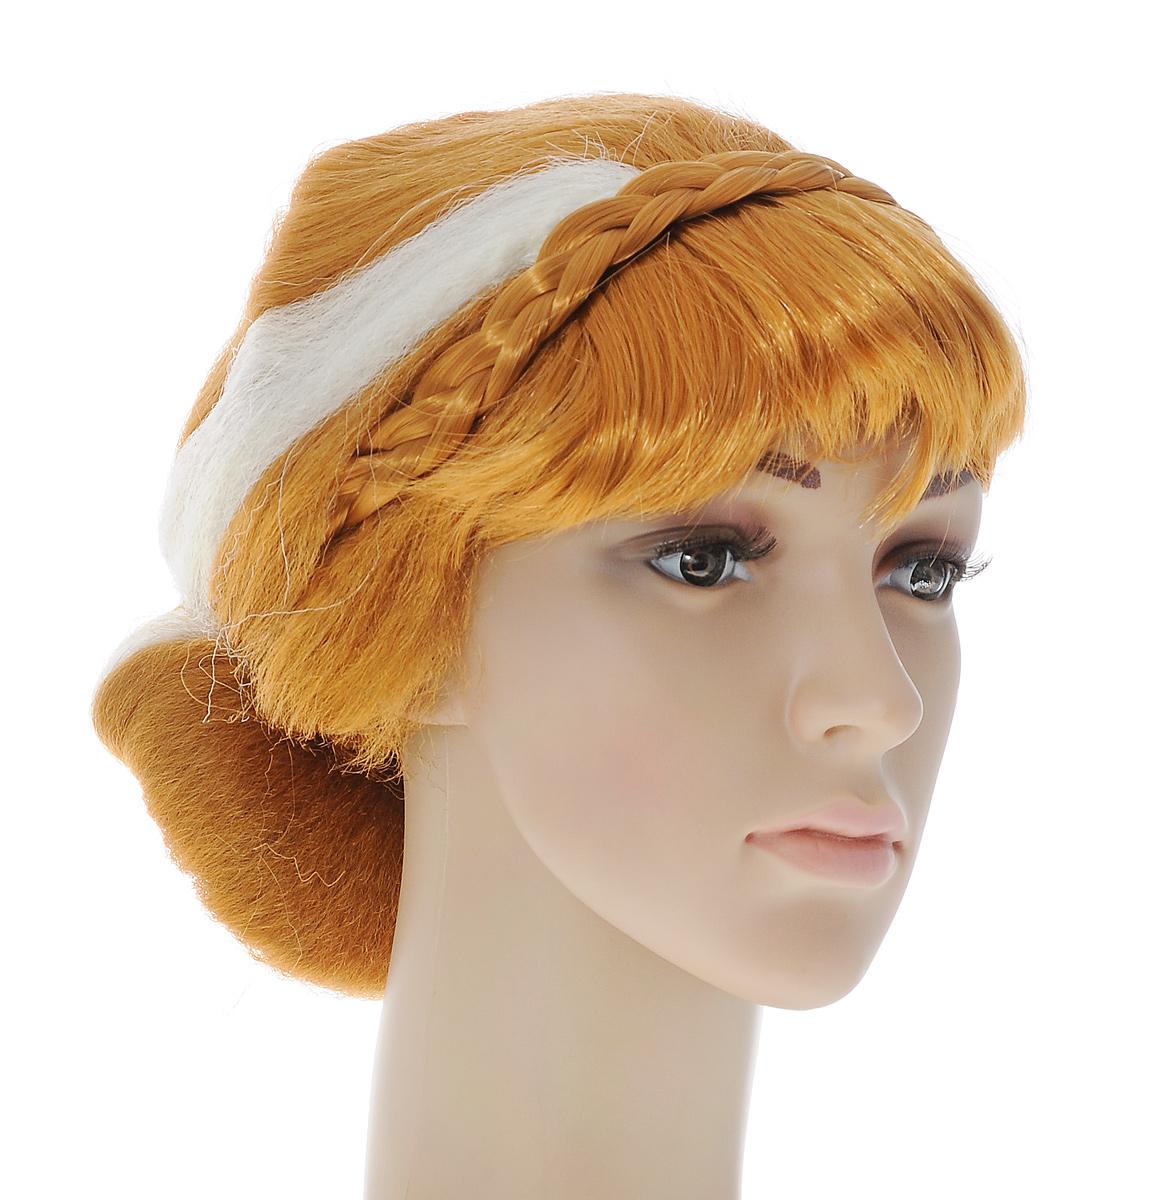 Парик маскарадный Феникс-презент Бестия, цвет: рыжий, белый38752Маскарадный парик Феникс-презент Бестия выполнен из полиэстера в виде волос, оформленных изящной косой. В таком парике вы будете выглядеть просто великолепно. Веселое настроение и масса положительных эмоций вам будут обеспечены! Размер: универсальный.